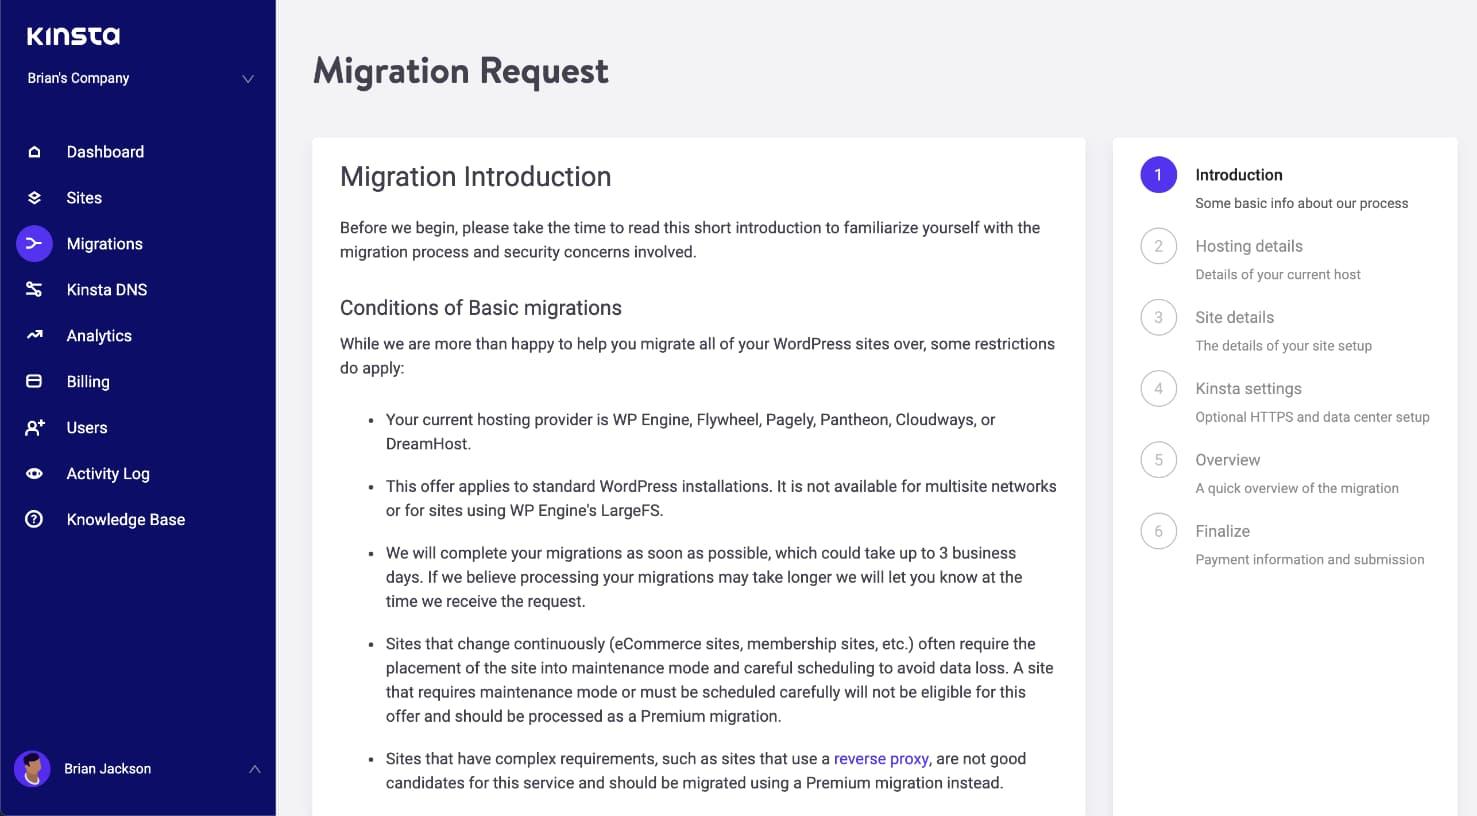 Formulario de solicitud de migración